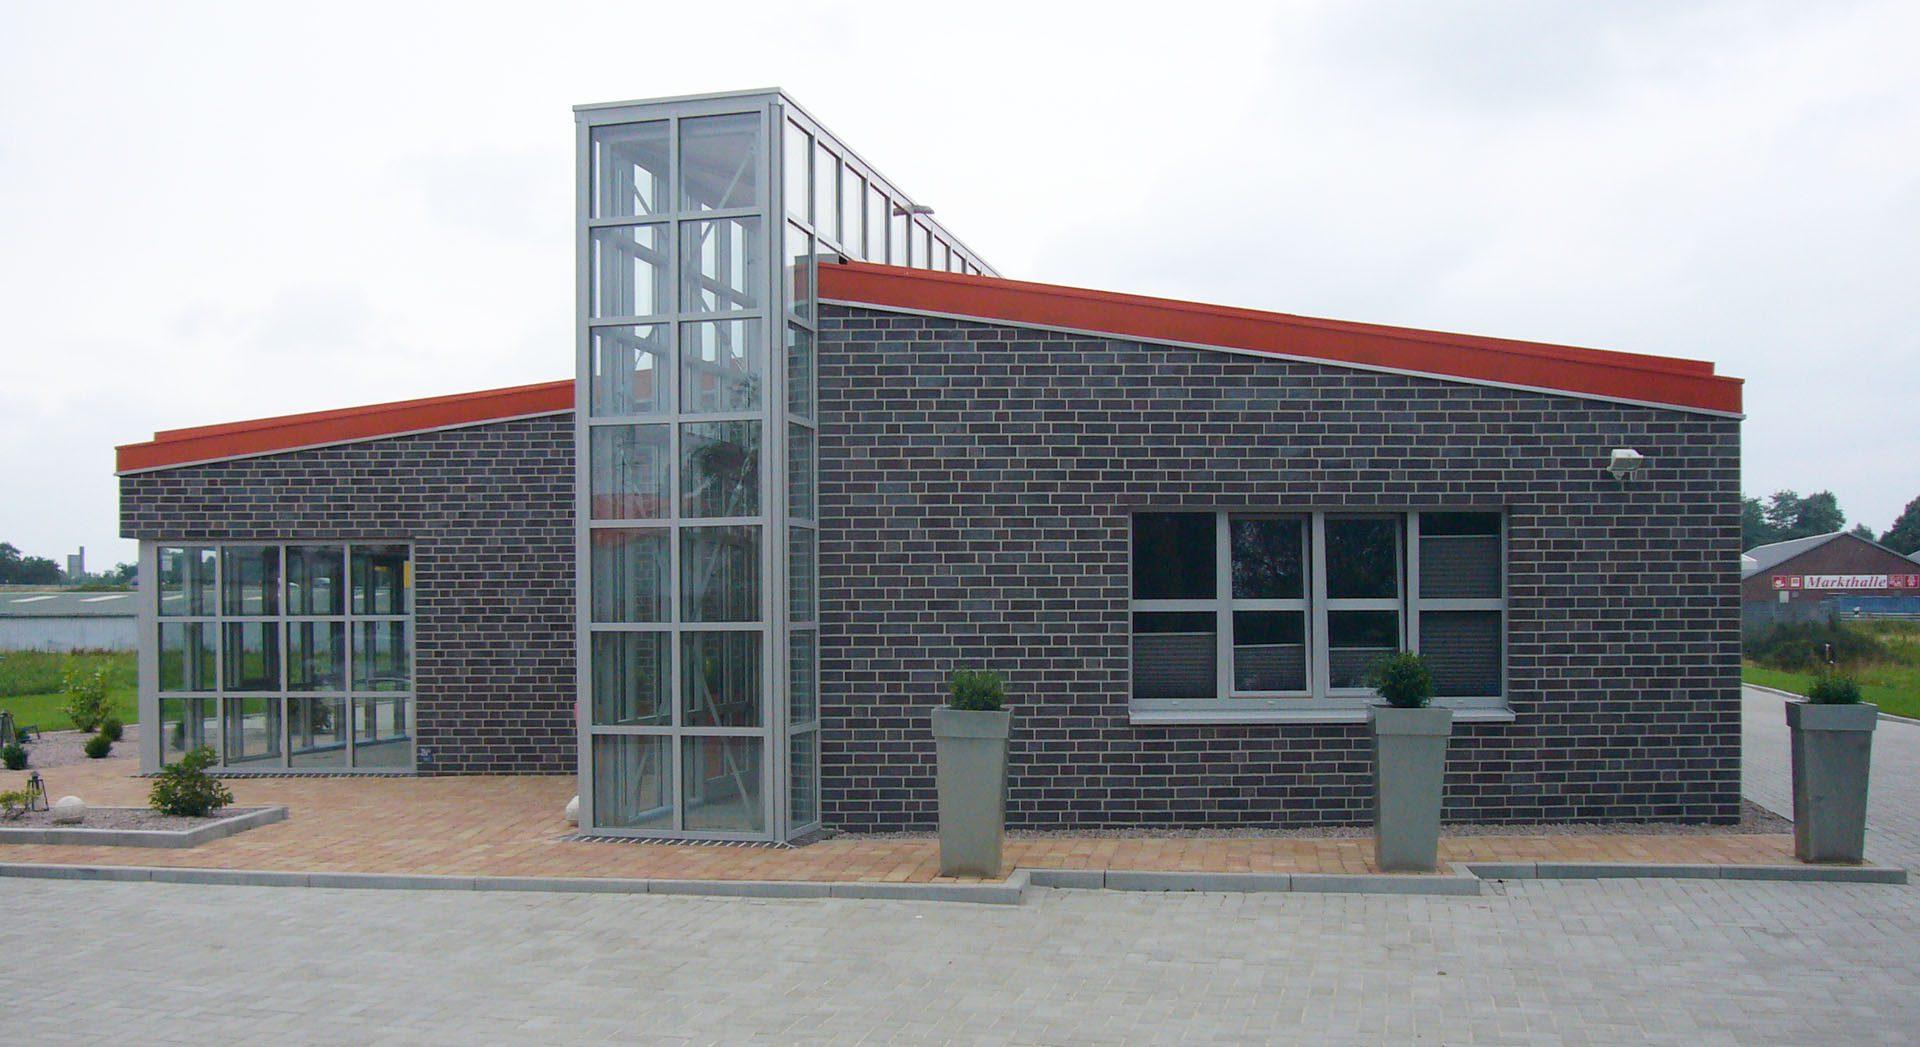 Gewerbearchitektur; Gewerbebau; Wohnsinn Heinz Meyer; Architektur; Neubau; Gartengestaltung; Außenanlagen; Planung;